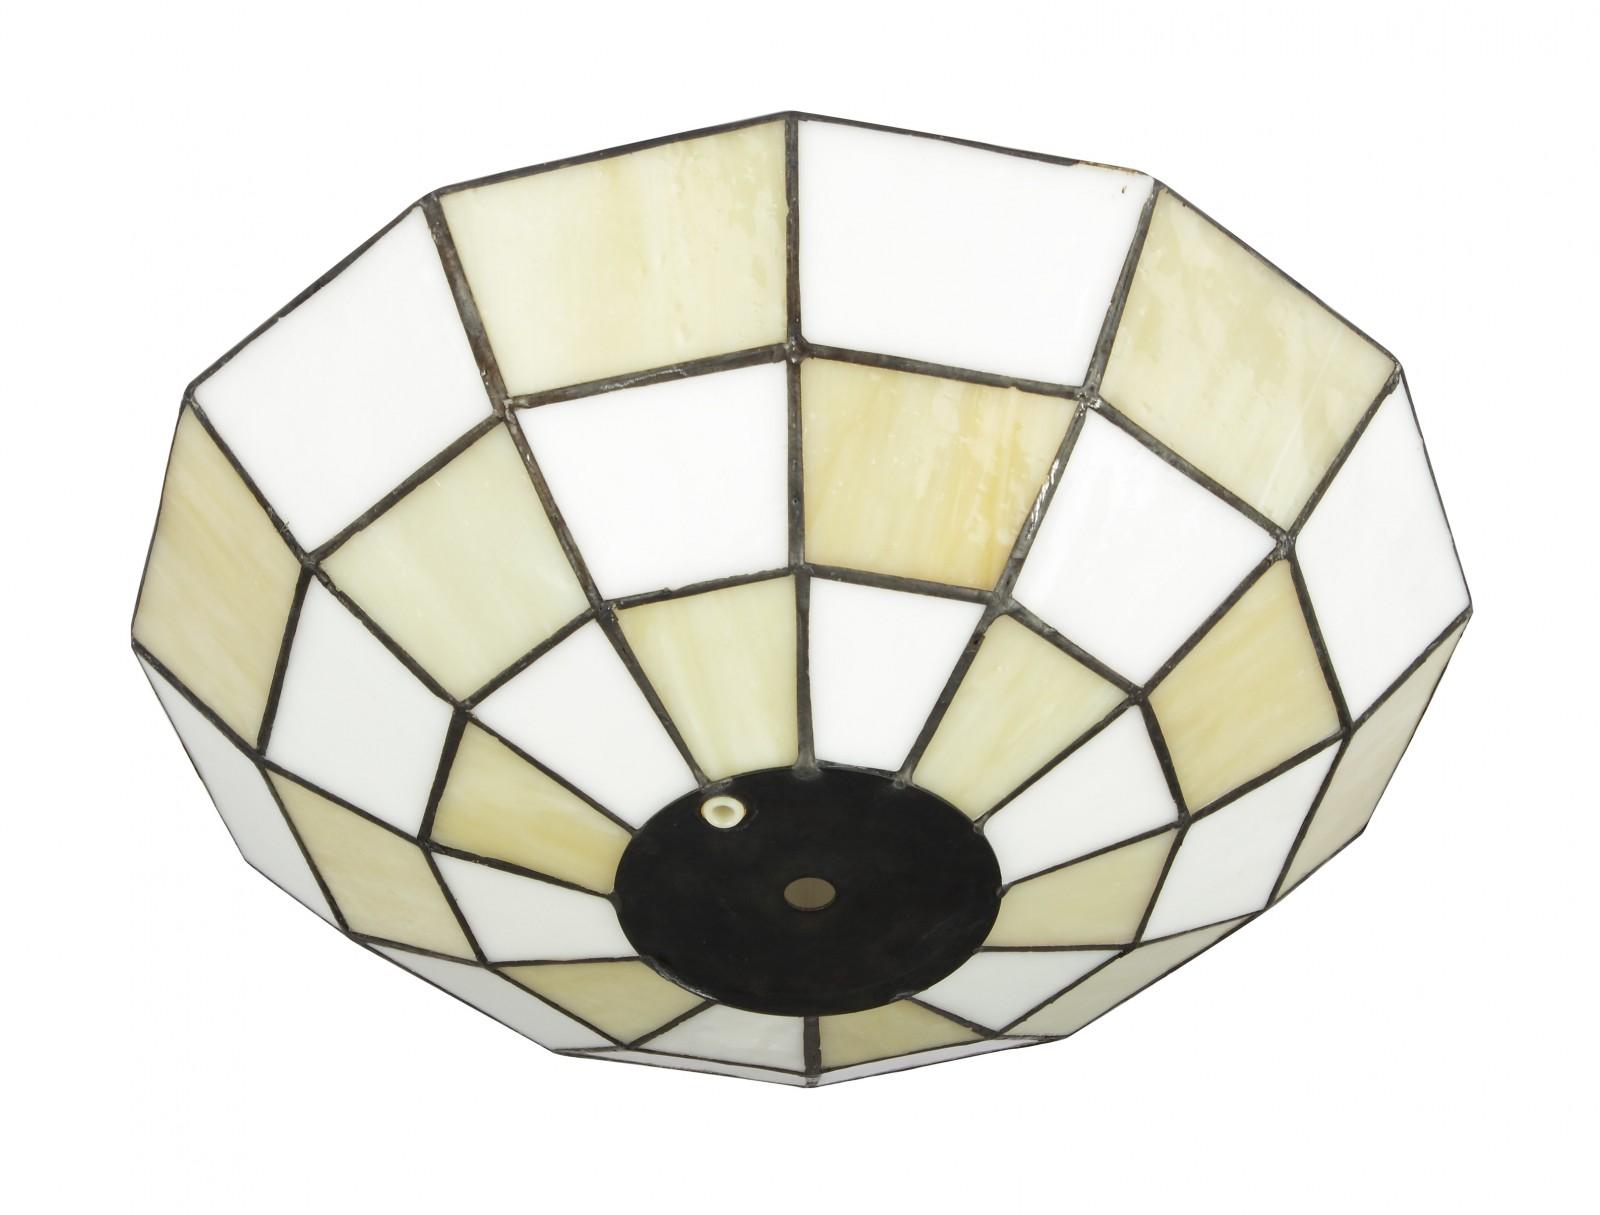 Westinghouse globe de rechange pour ventilateur de plafond comet tiffany ii 72219 ventilateurs - Globe pour ventilateur de plafond ...